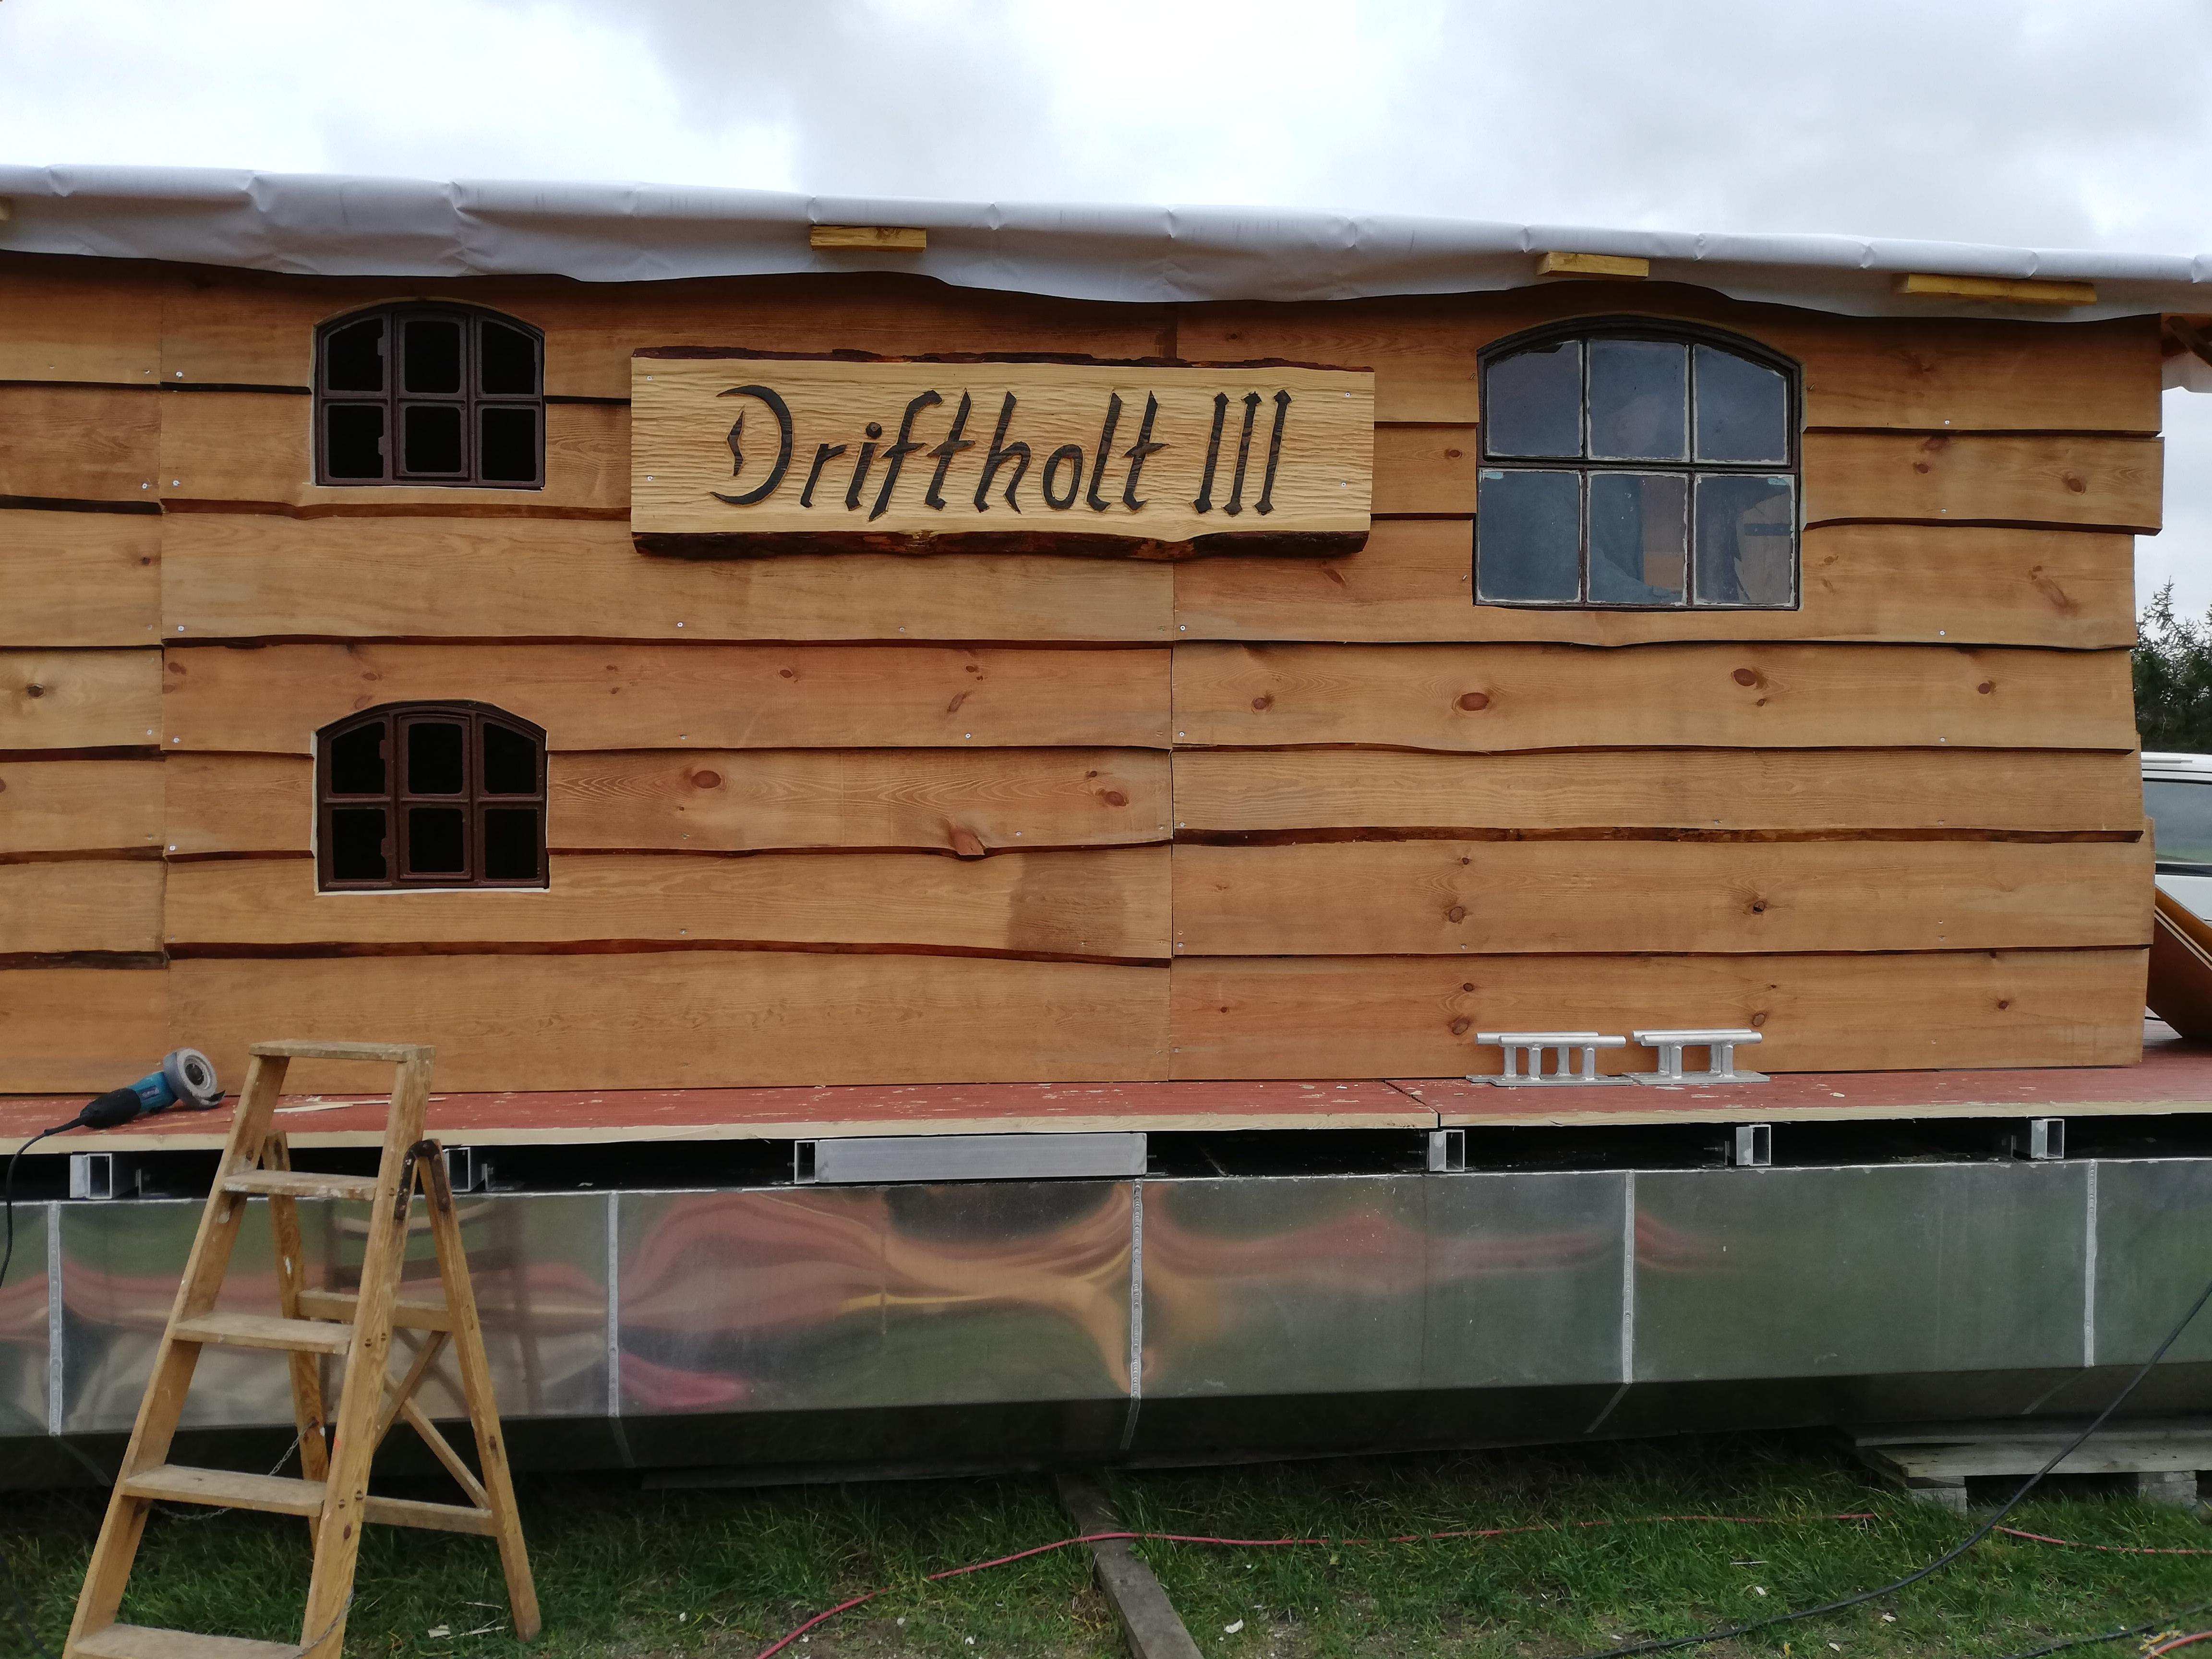 Das Driftholt 3 - Seitenfenster mit neuem Namensschild